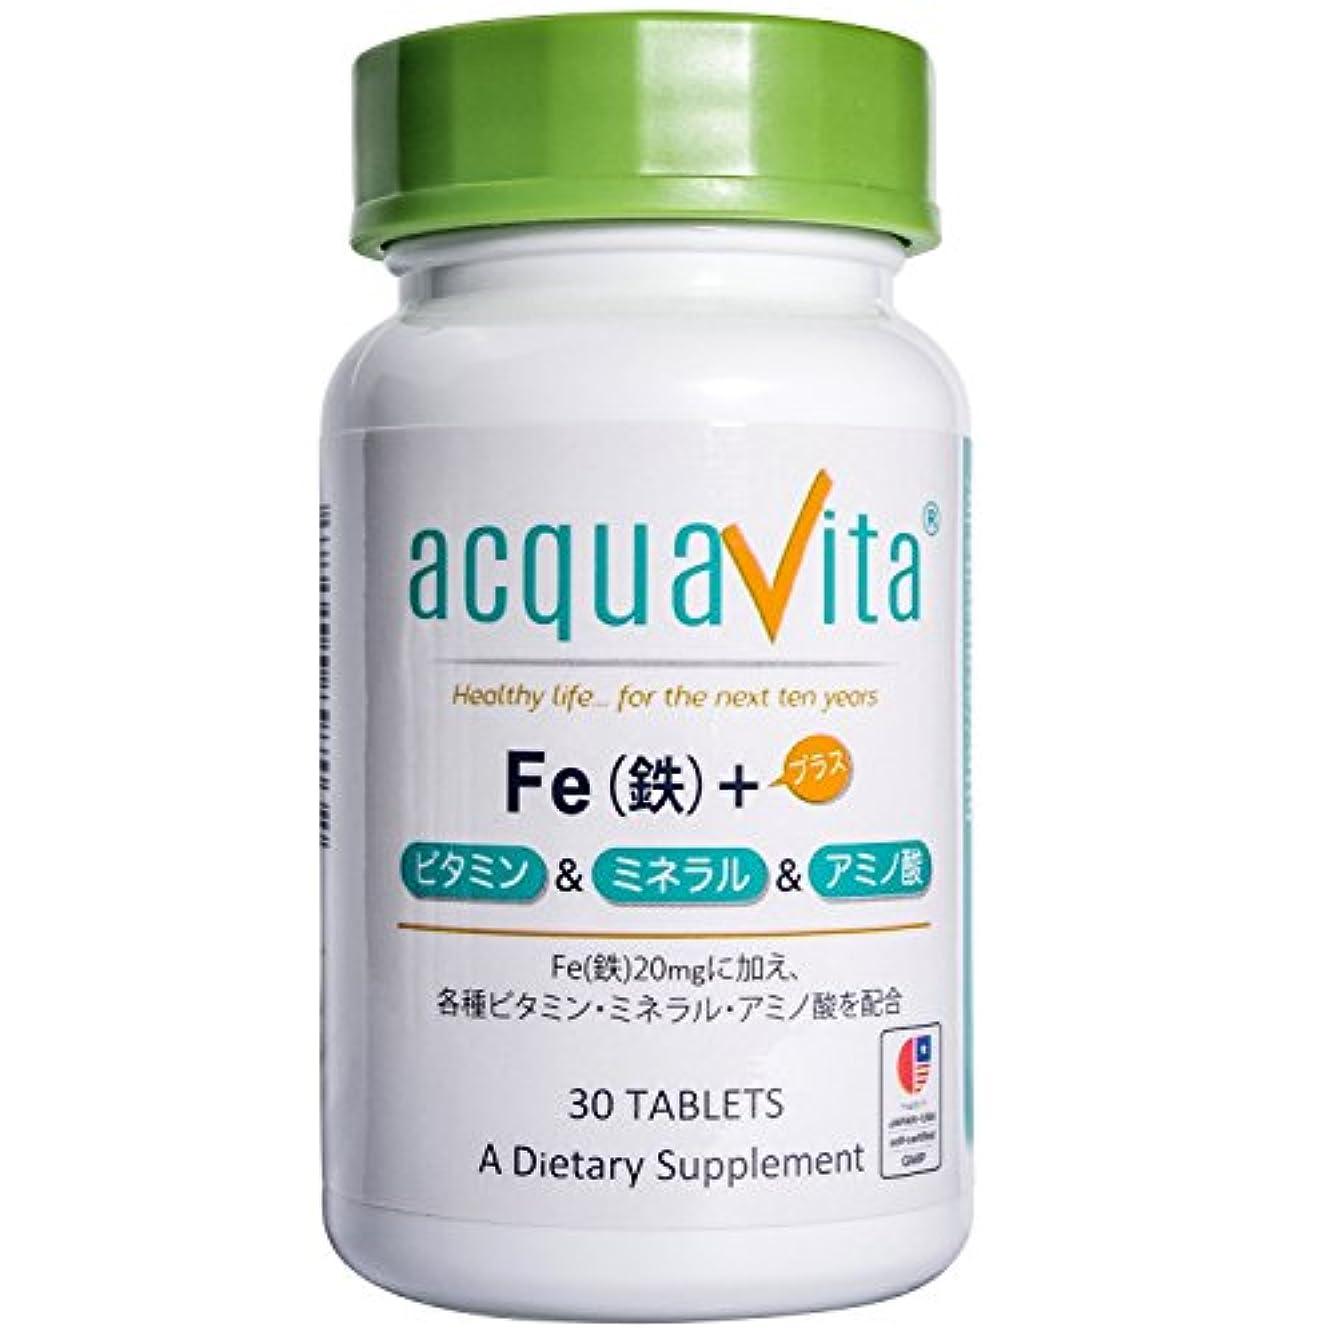 化粧オーナメント屋内acquavita(アクアヴィータ) Fe(鉄)+ビタミン?ミネラル?アミノ酸 30粒